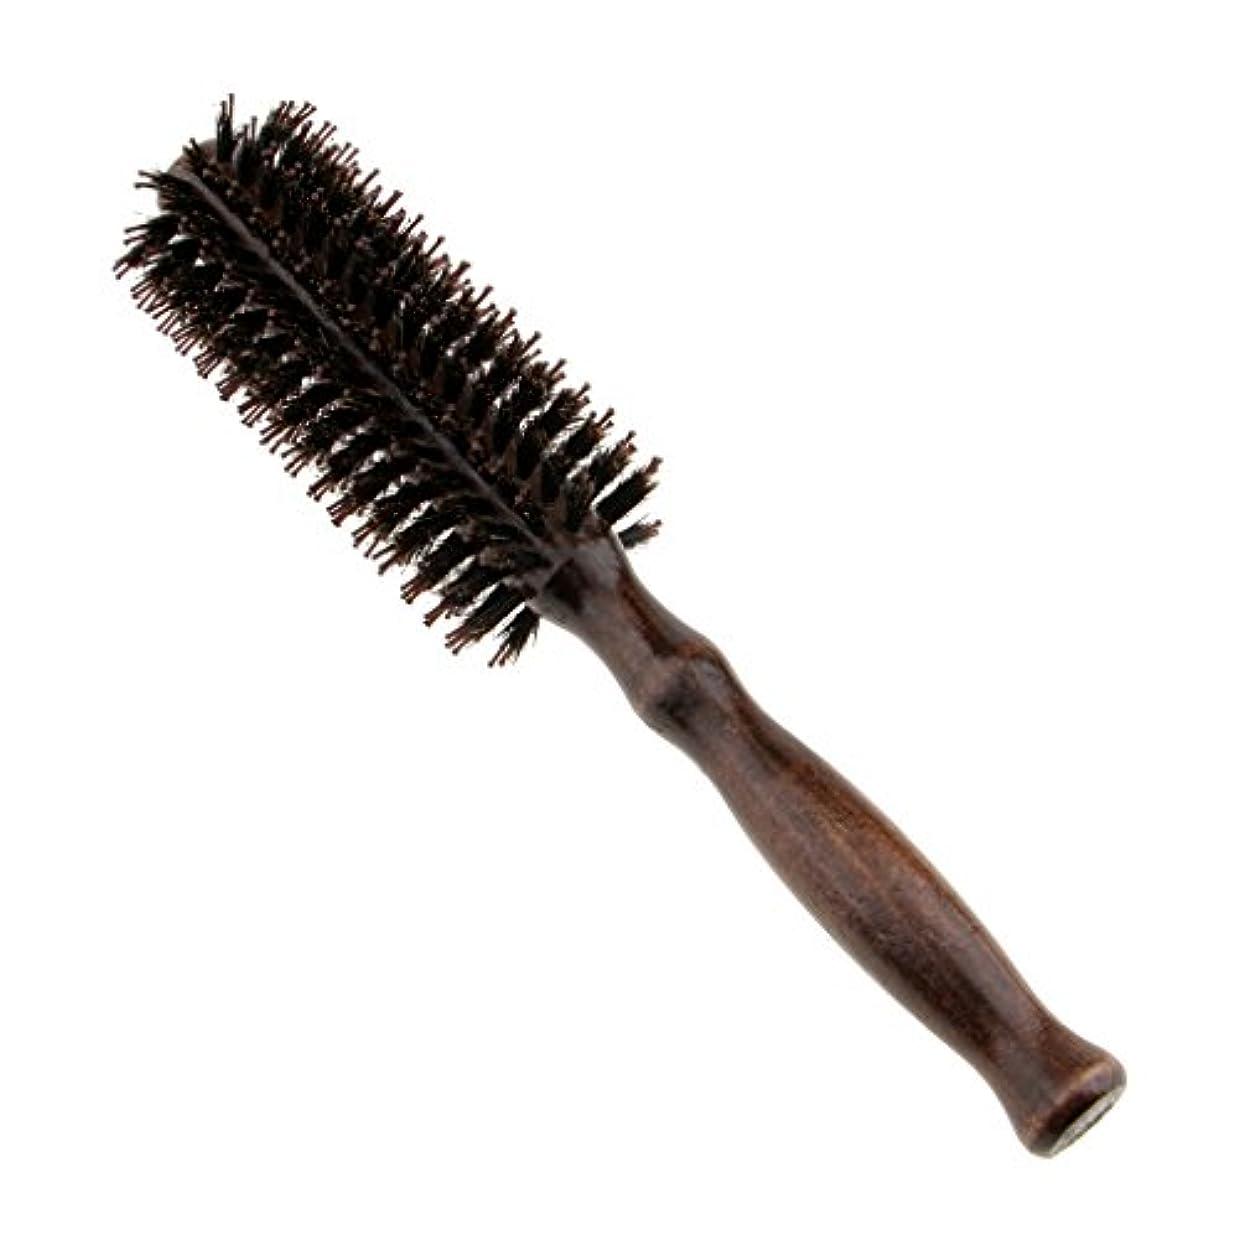 スマイル飢数学的なラウンドウッドのハンドルヘアブラシの理髪美容カールヘアブラシのブラシ - #1